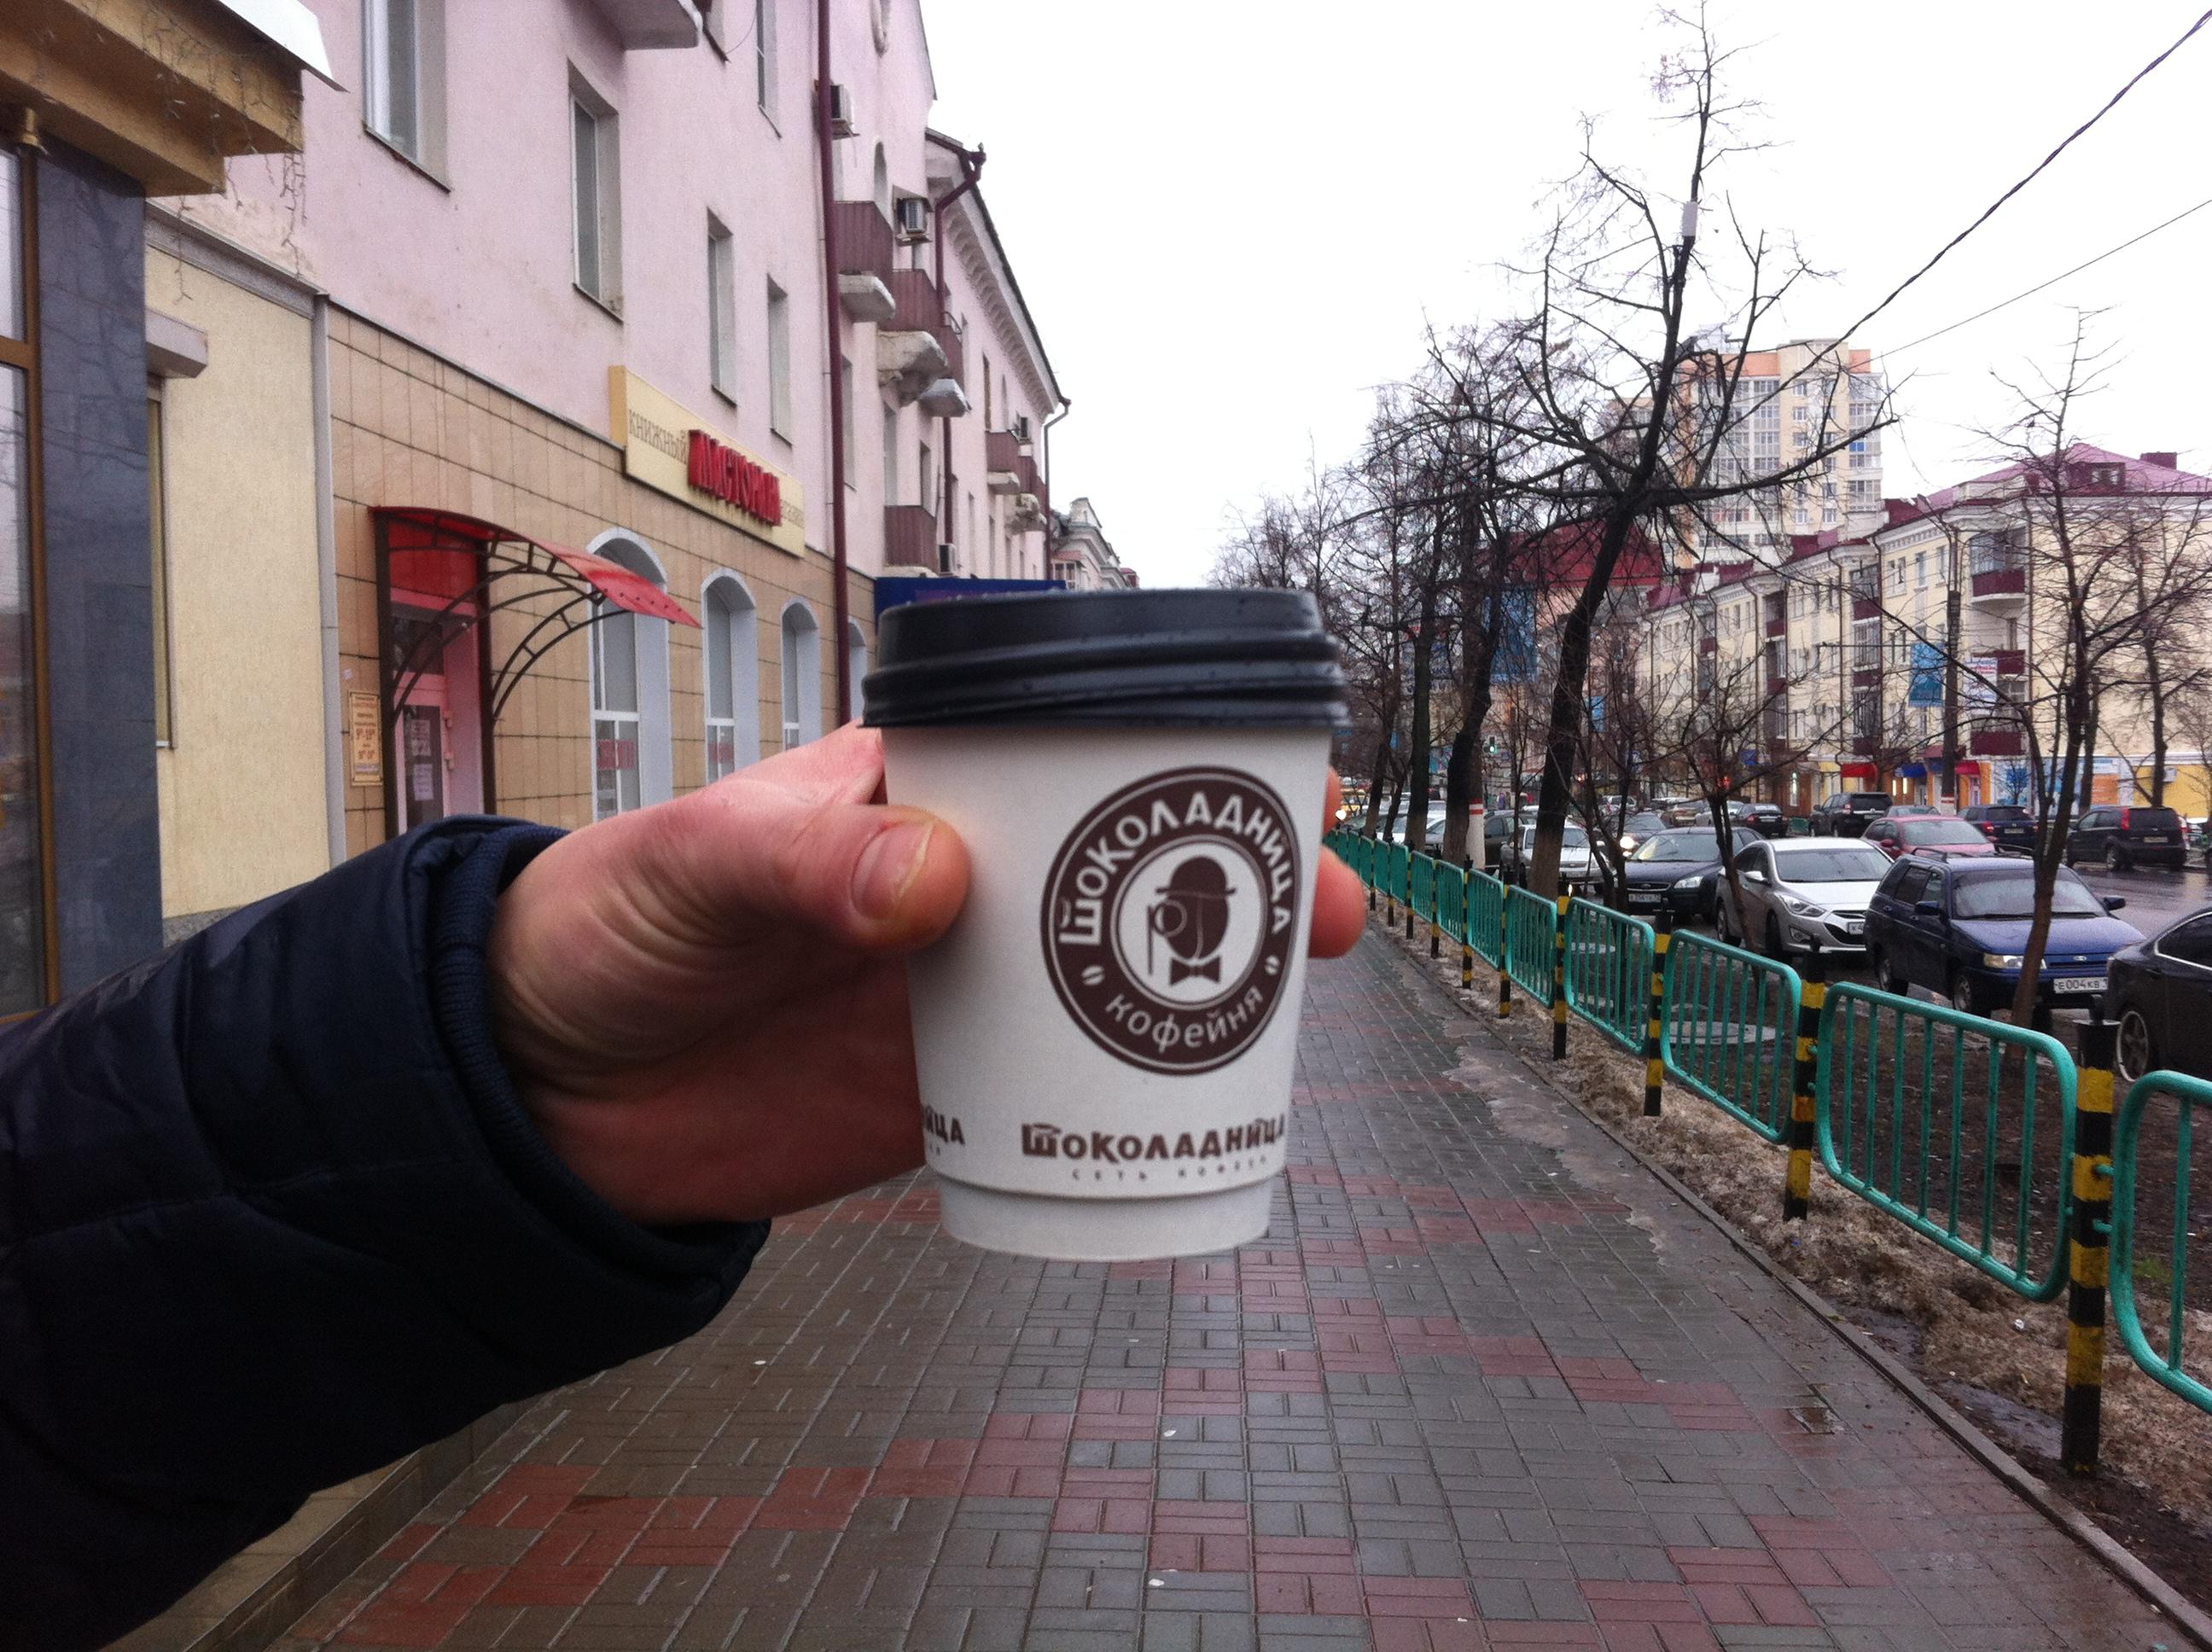 Где в Саранске варят  b лучший кофе   с nbsp собой     b  IMG_5018